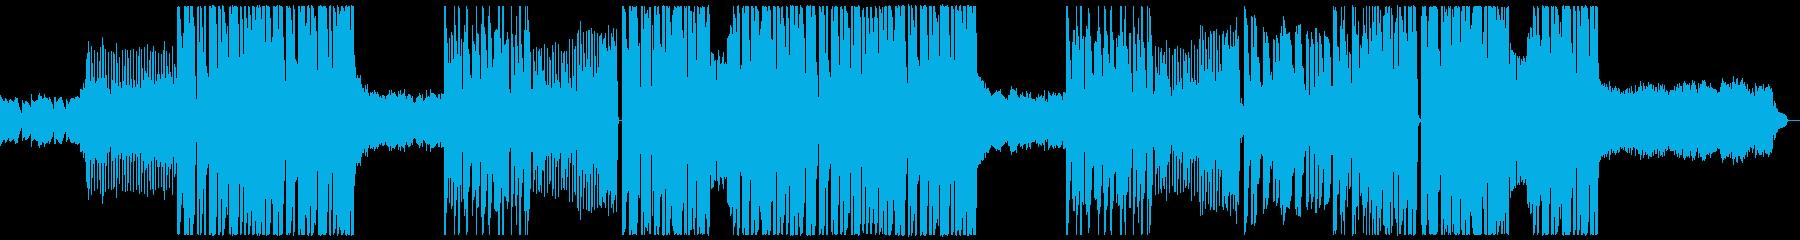 キラキラ可愛いfuturebassの楽曲の再生済みの波形